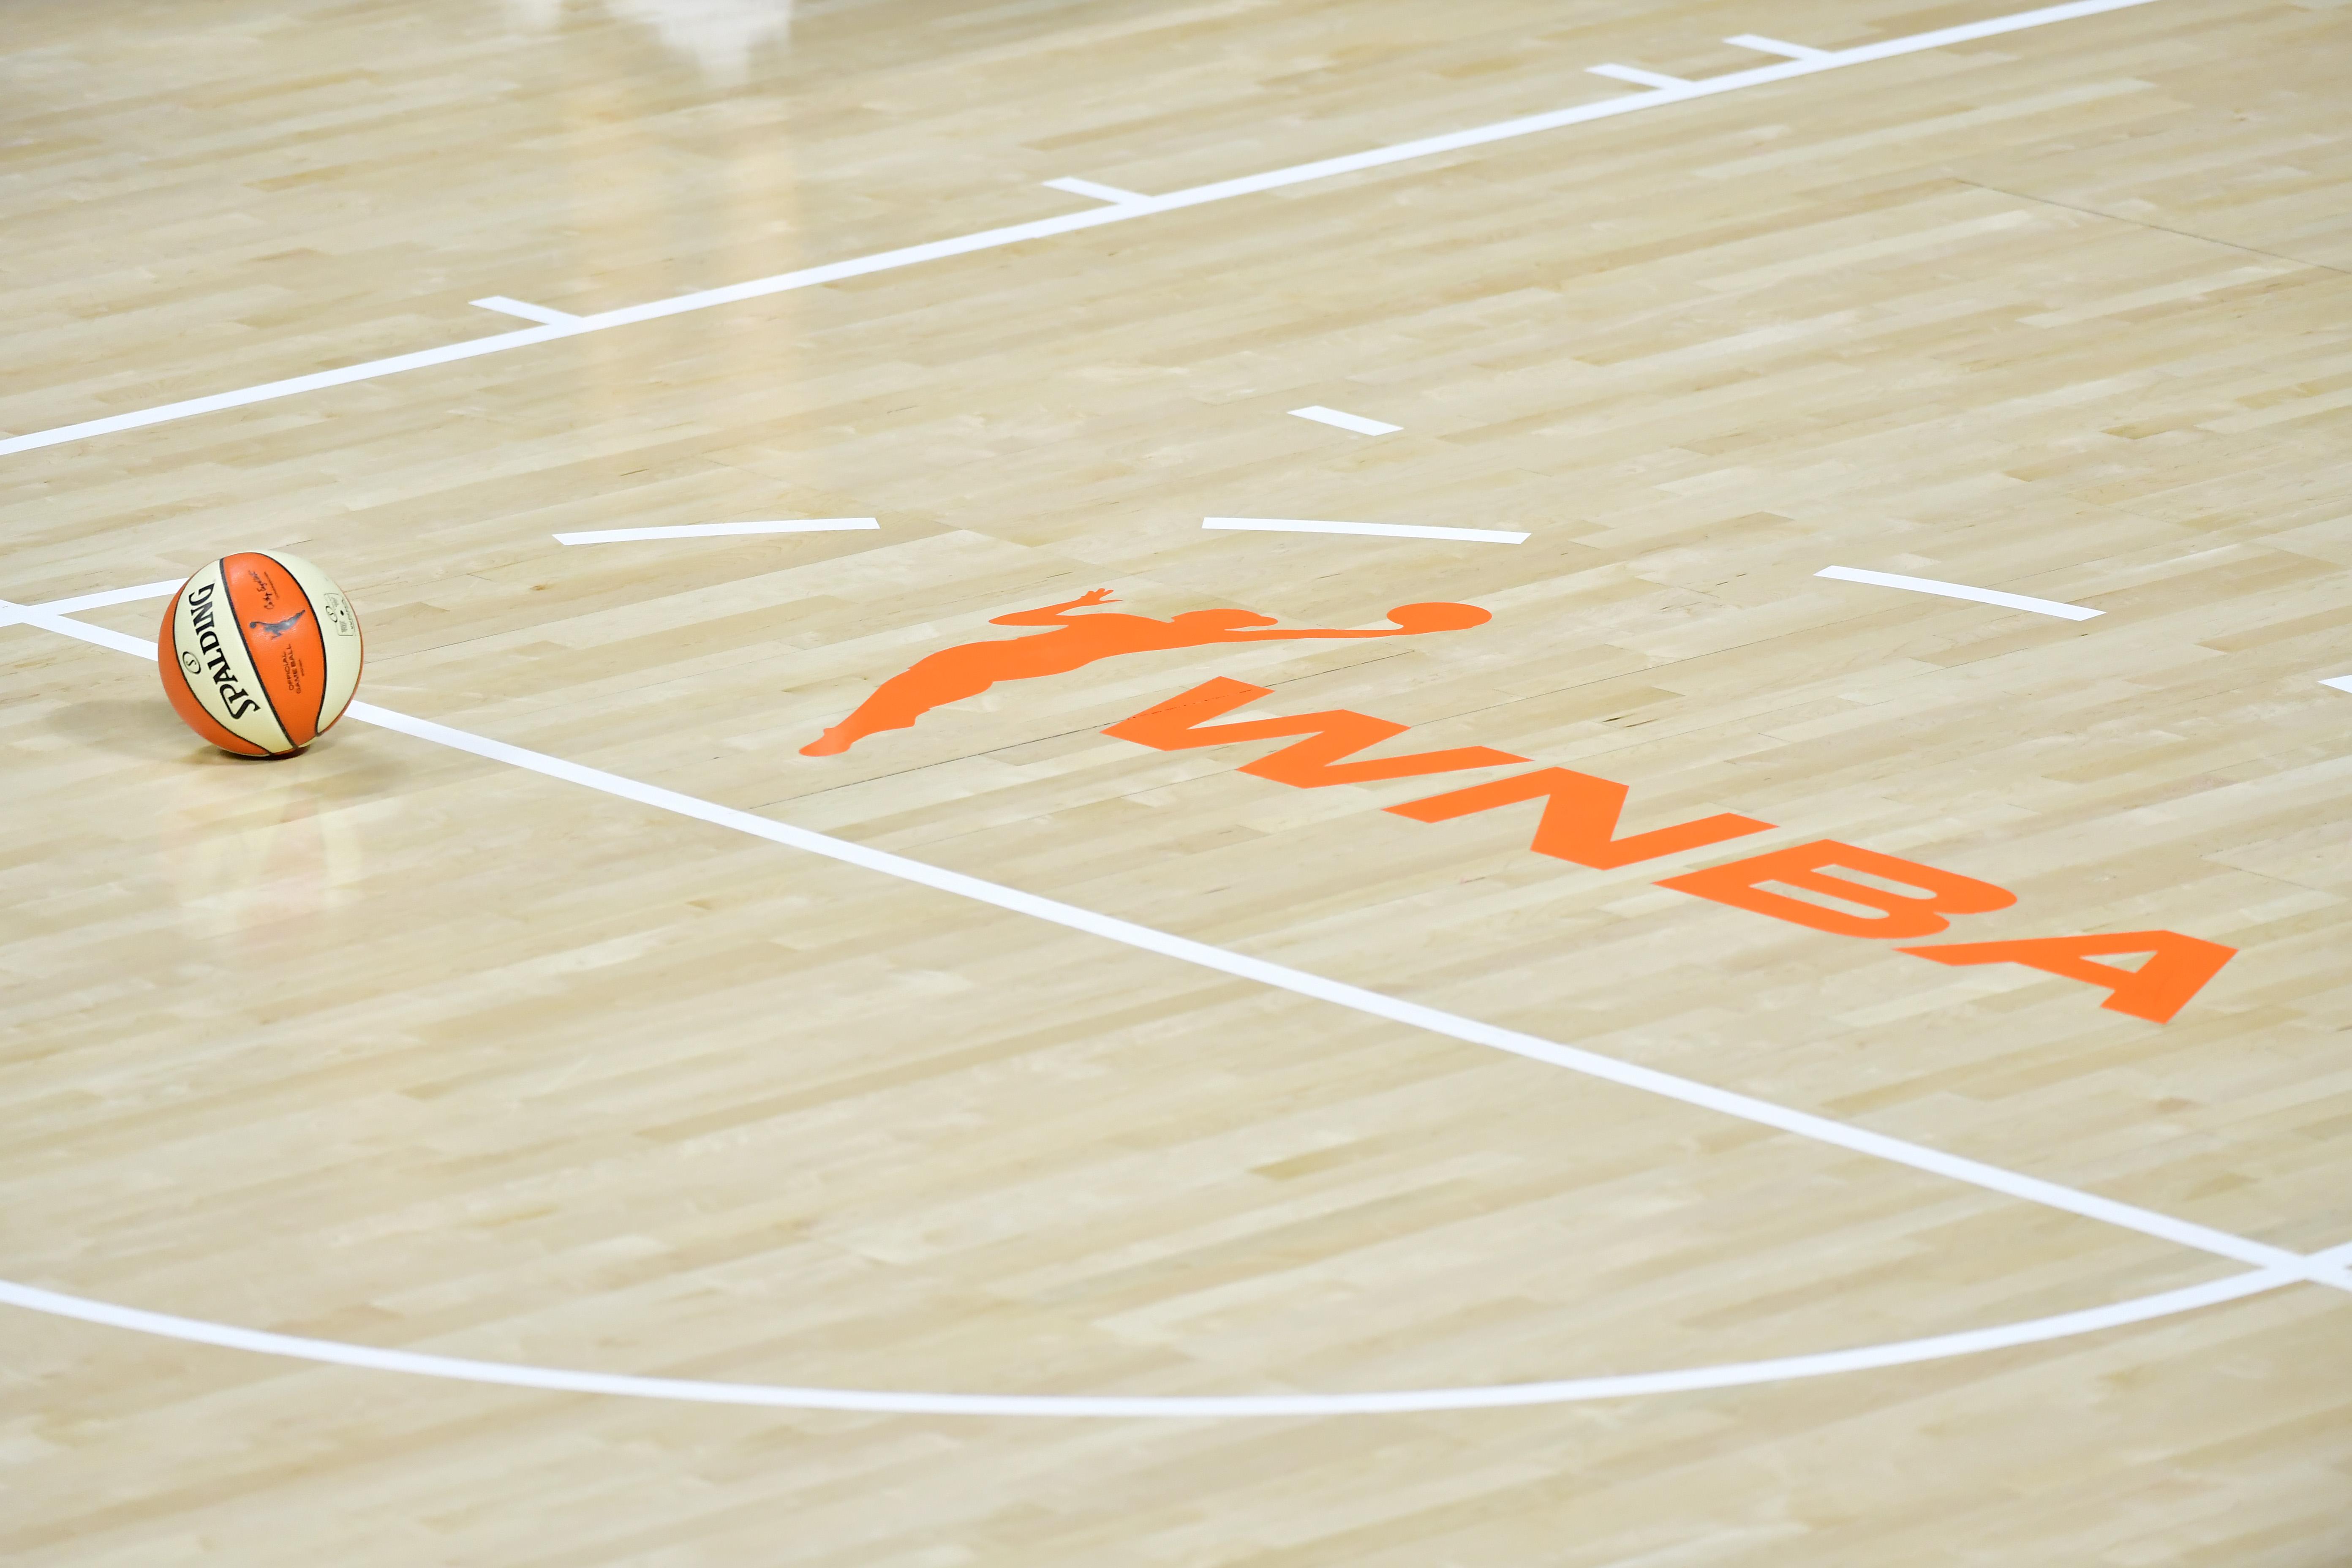 2020年8月7日,弗罗里达棕榈城菲尔德娱乐中心,在纽约自由队和华盛顿神秘队的比赛中,官方斯伯丁篮球坐在WNBA标志附近的球场上。